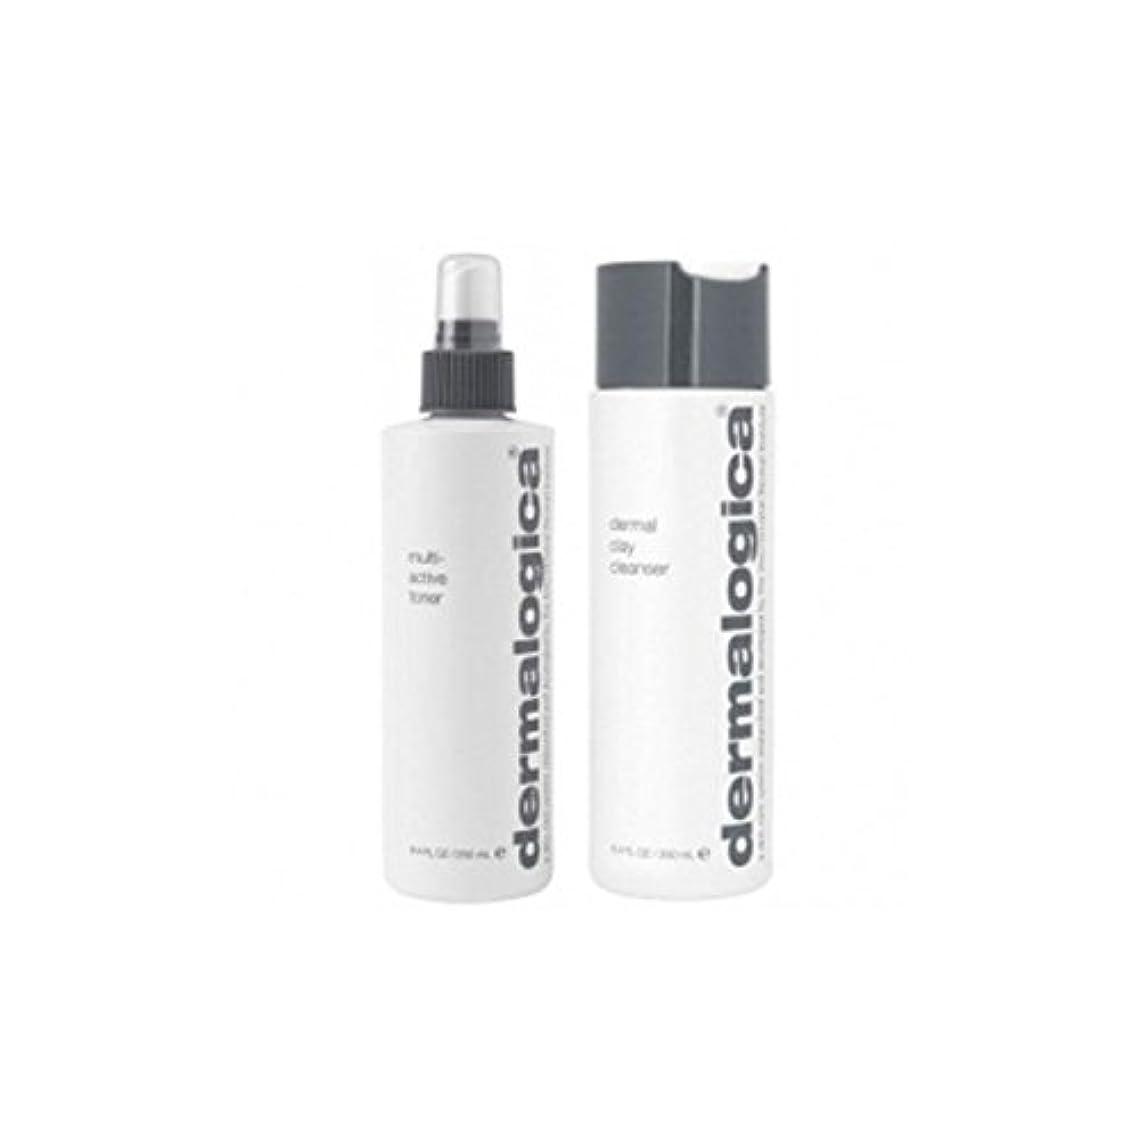 おもちゃあごお香ダーマロジカクレンジング&トーンデュオ - 脂性肌(2製品) x2 - Dermalogica Cleanse & Tone Duo - Oily Skin (2 Products) (Pack of 2) [並行輸入品]